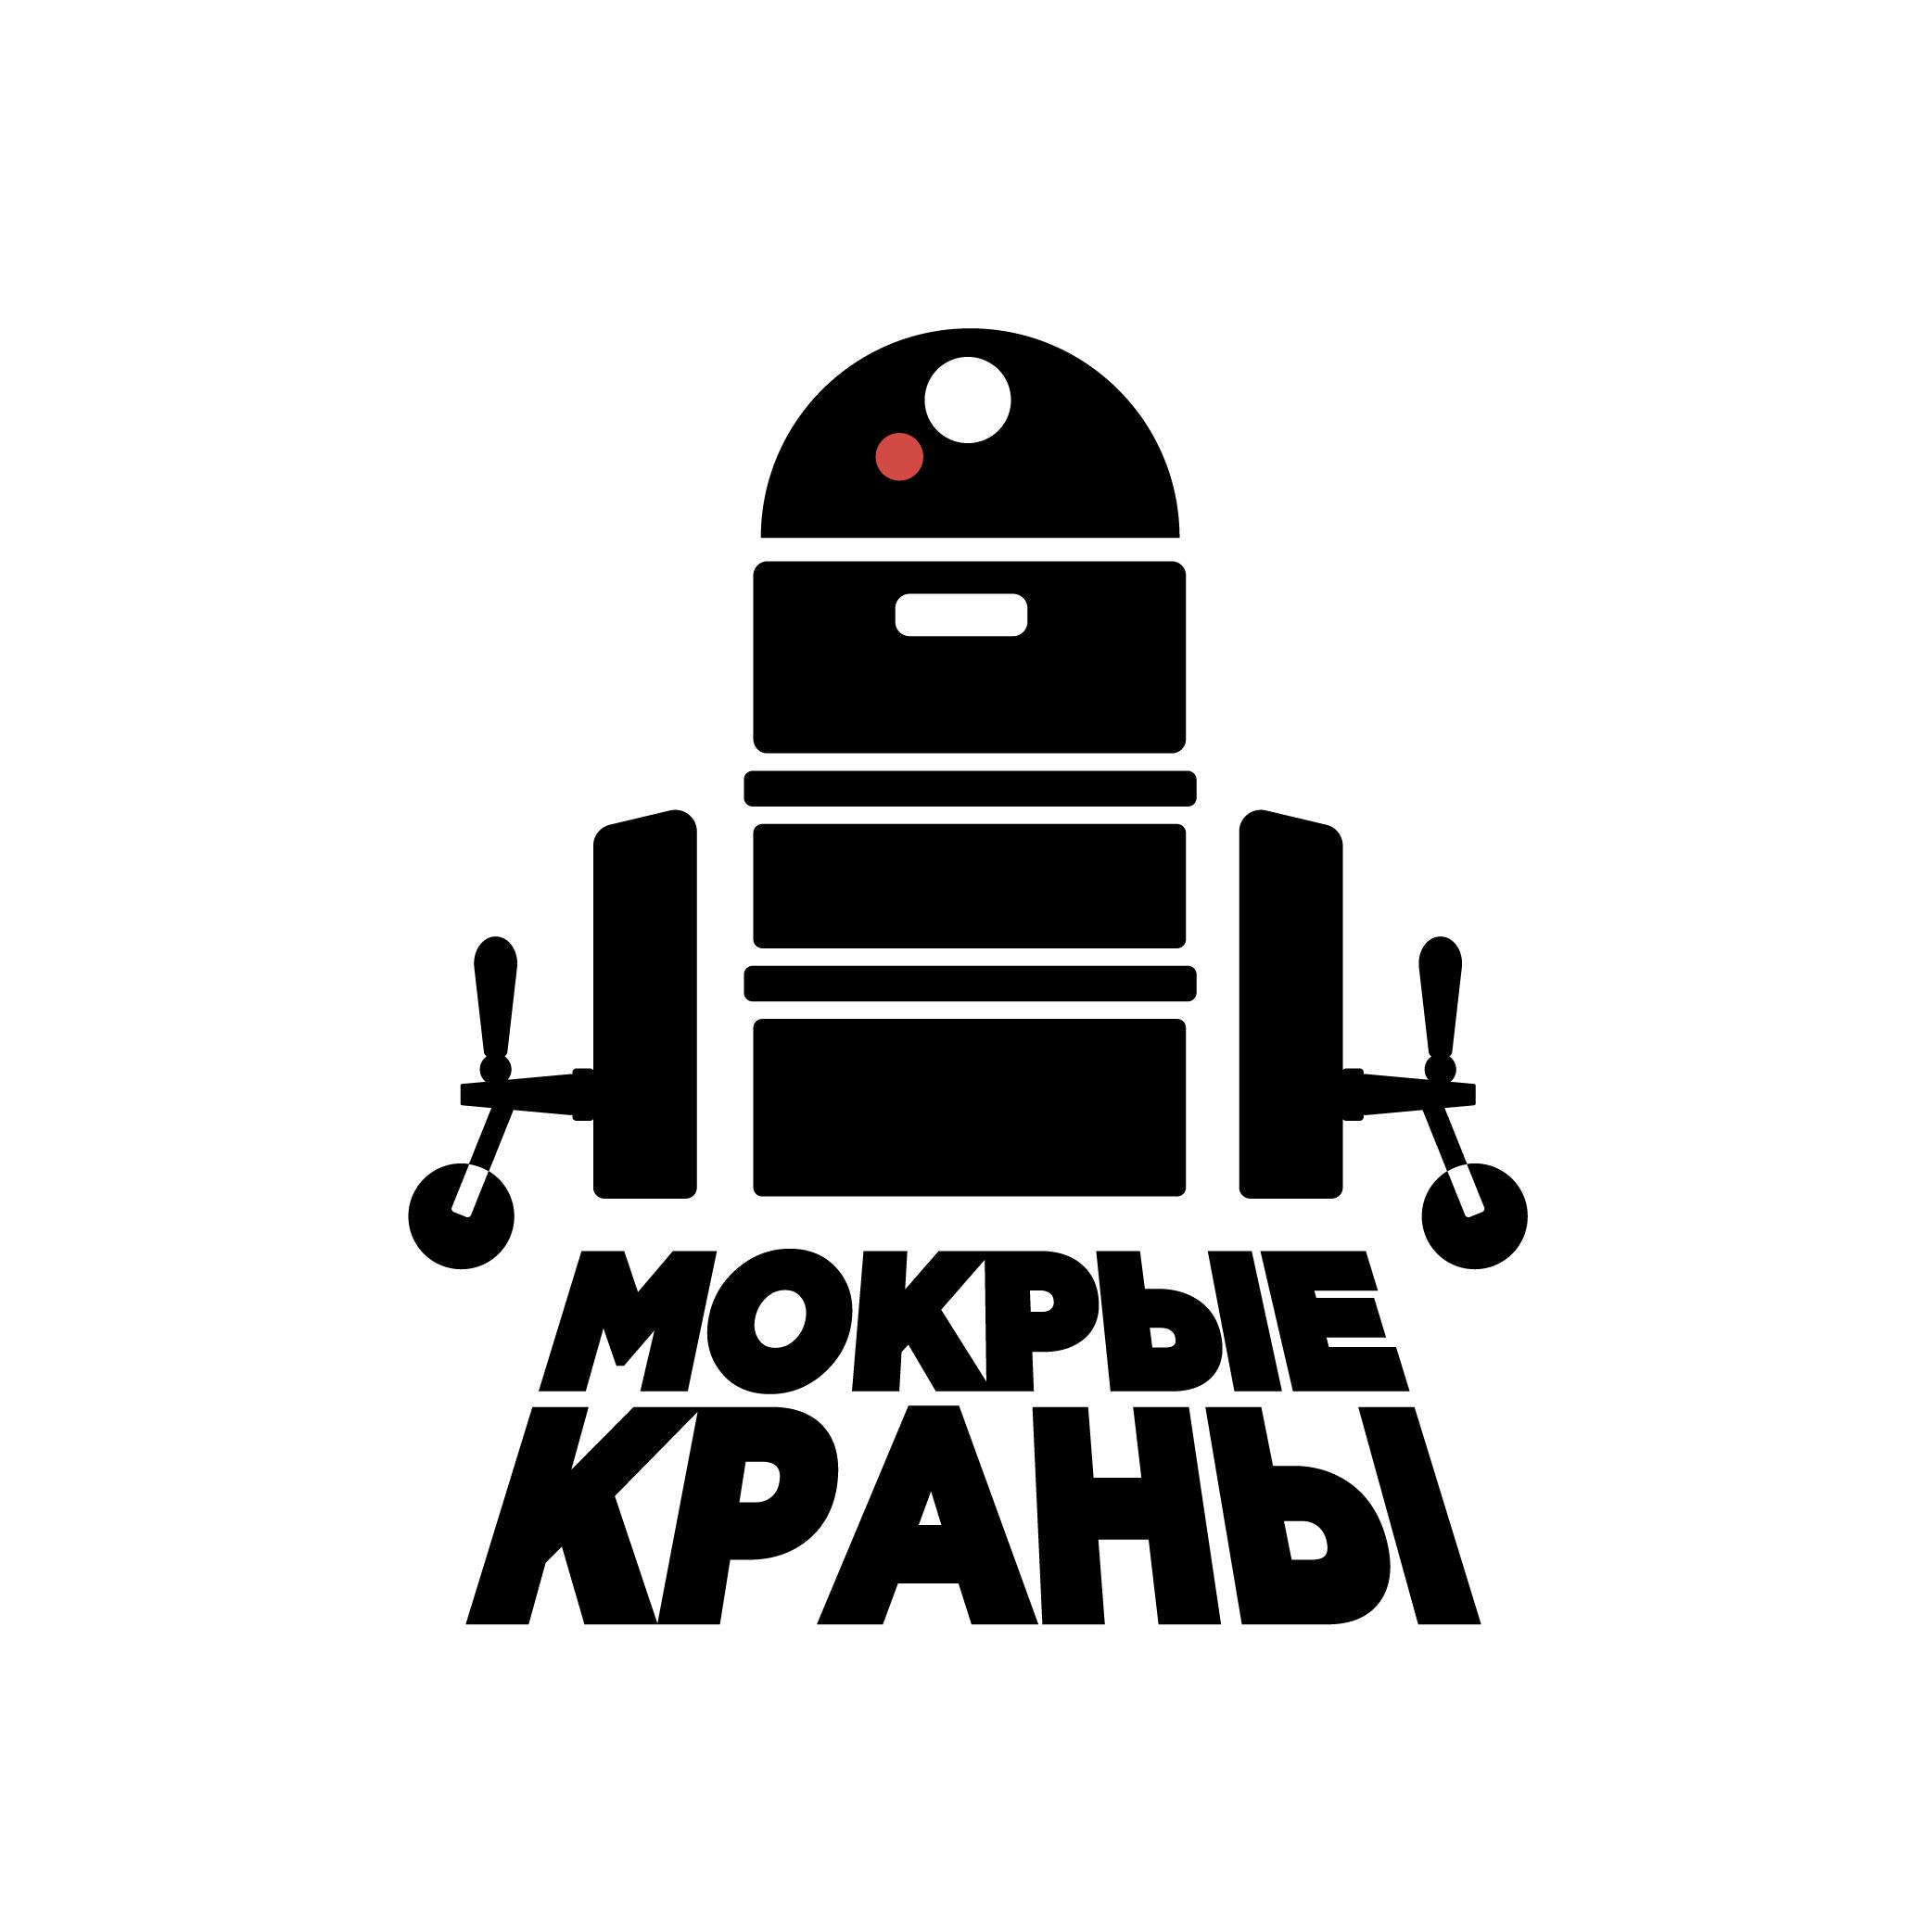 Вывеска/логотип для пивного магазина фото f_529602a0c6617d1e.jpg